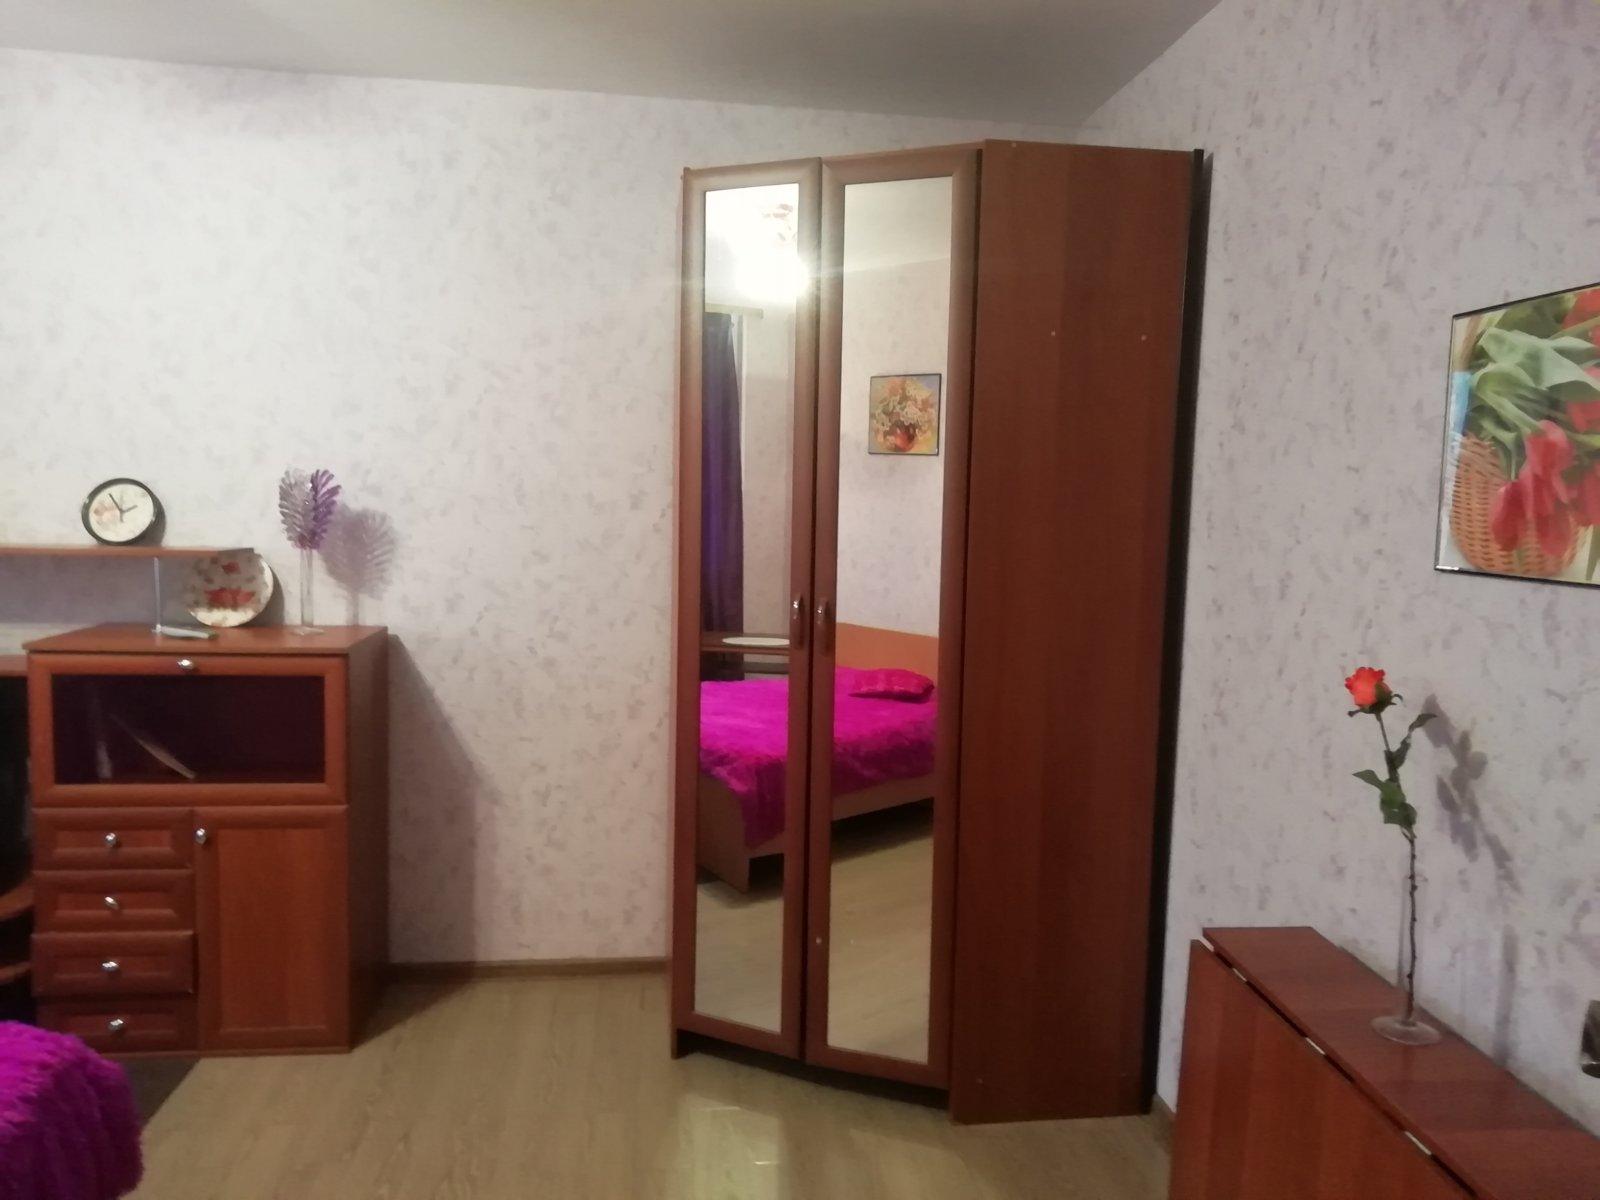 obychnaya-dvuhkomnatnaya-kvartira-02